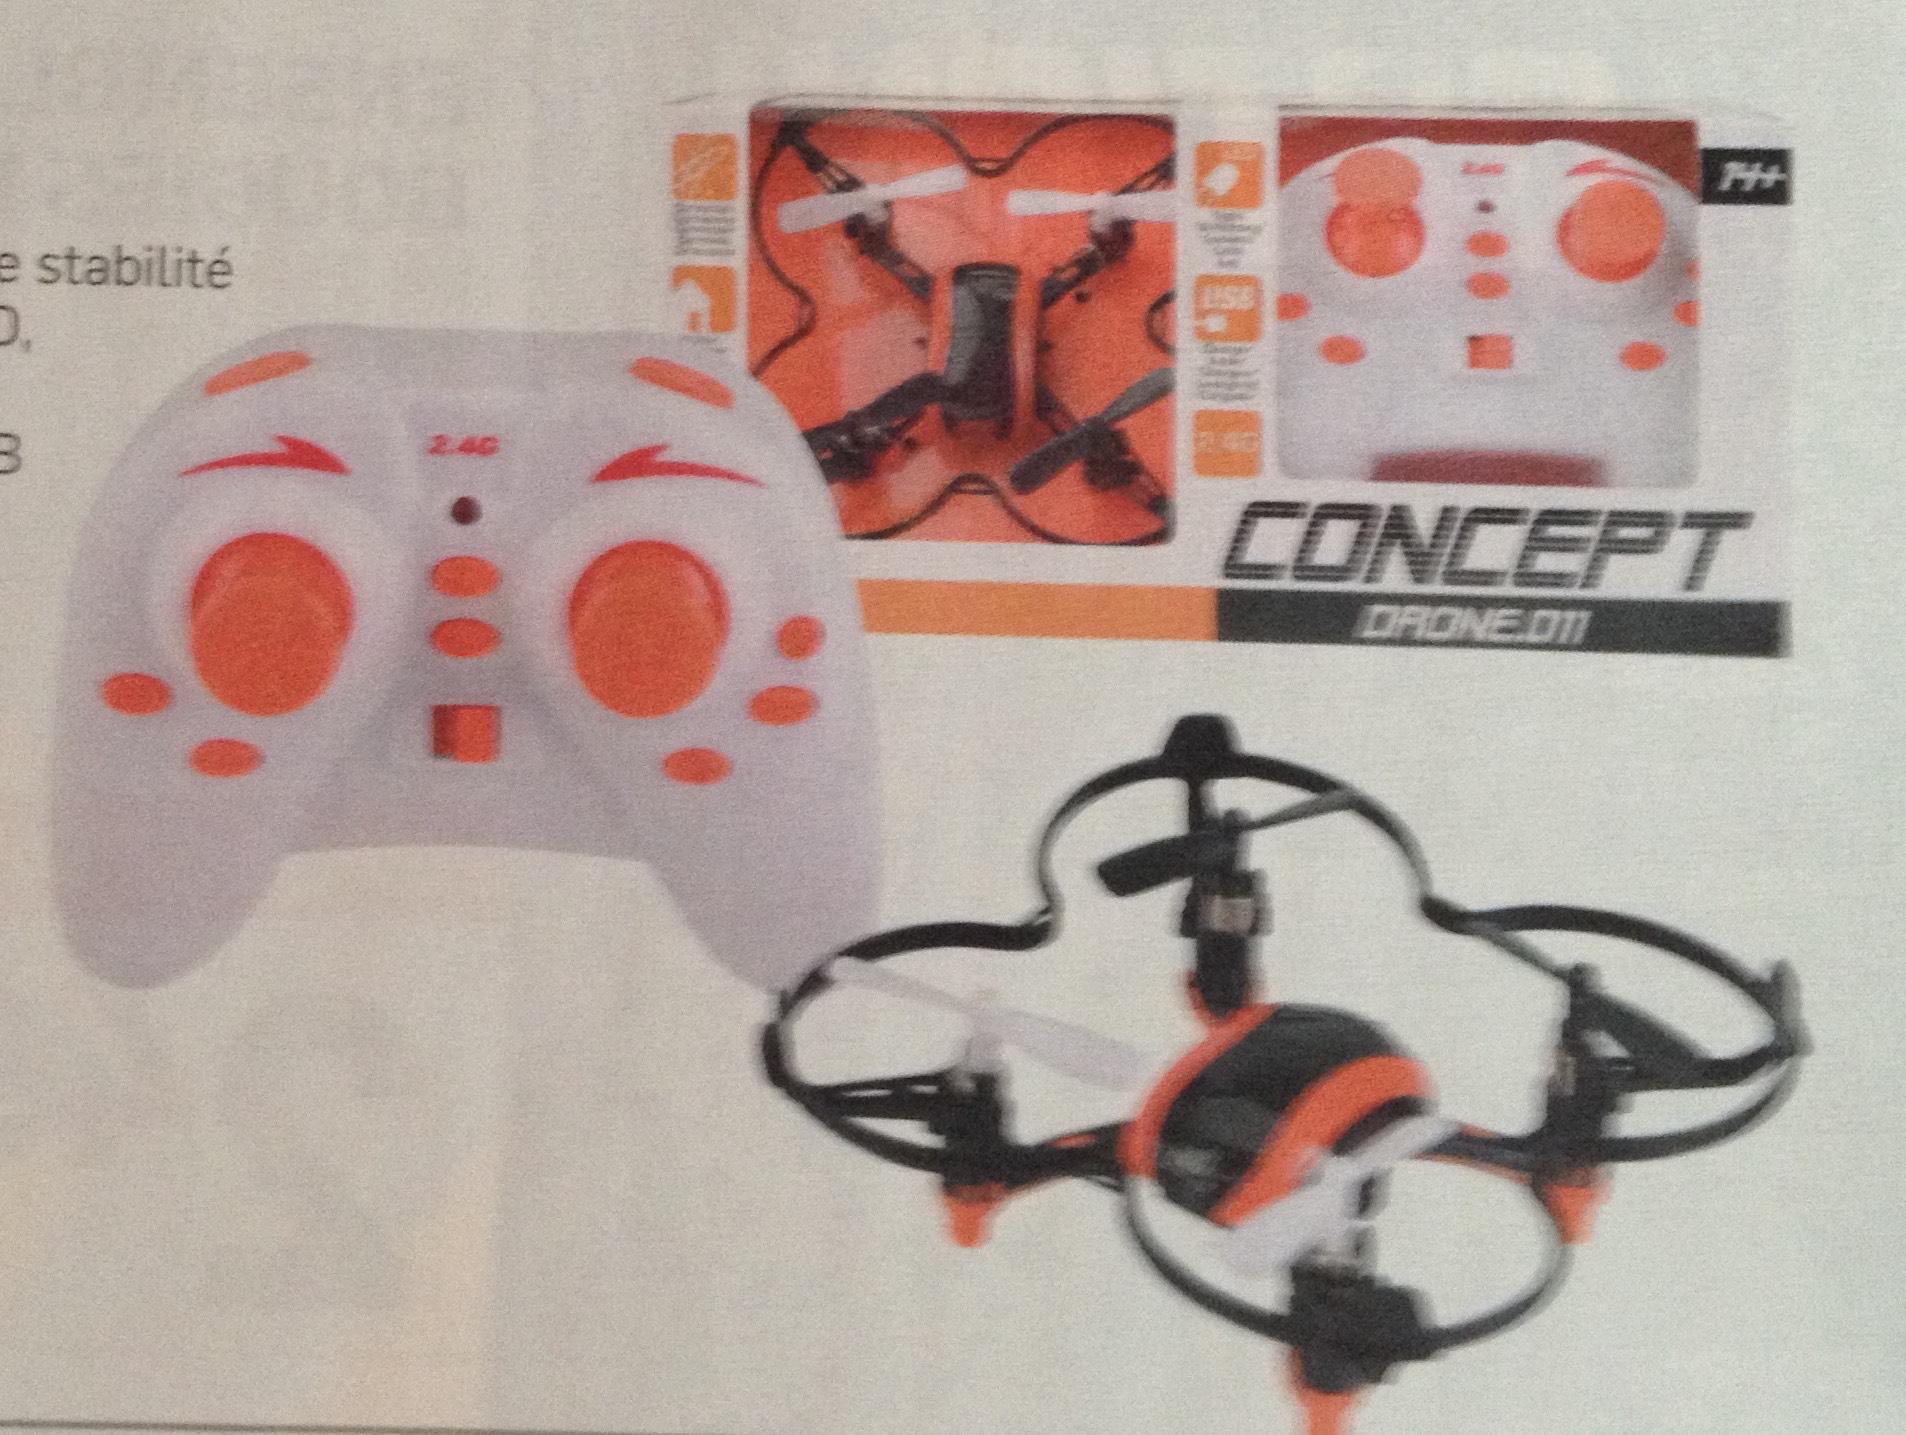 Mini quadcopter Concept Drone - 4.5 canaux, 2.4Ghz, 9x9cm